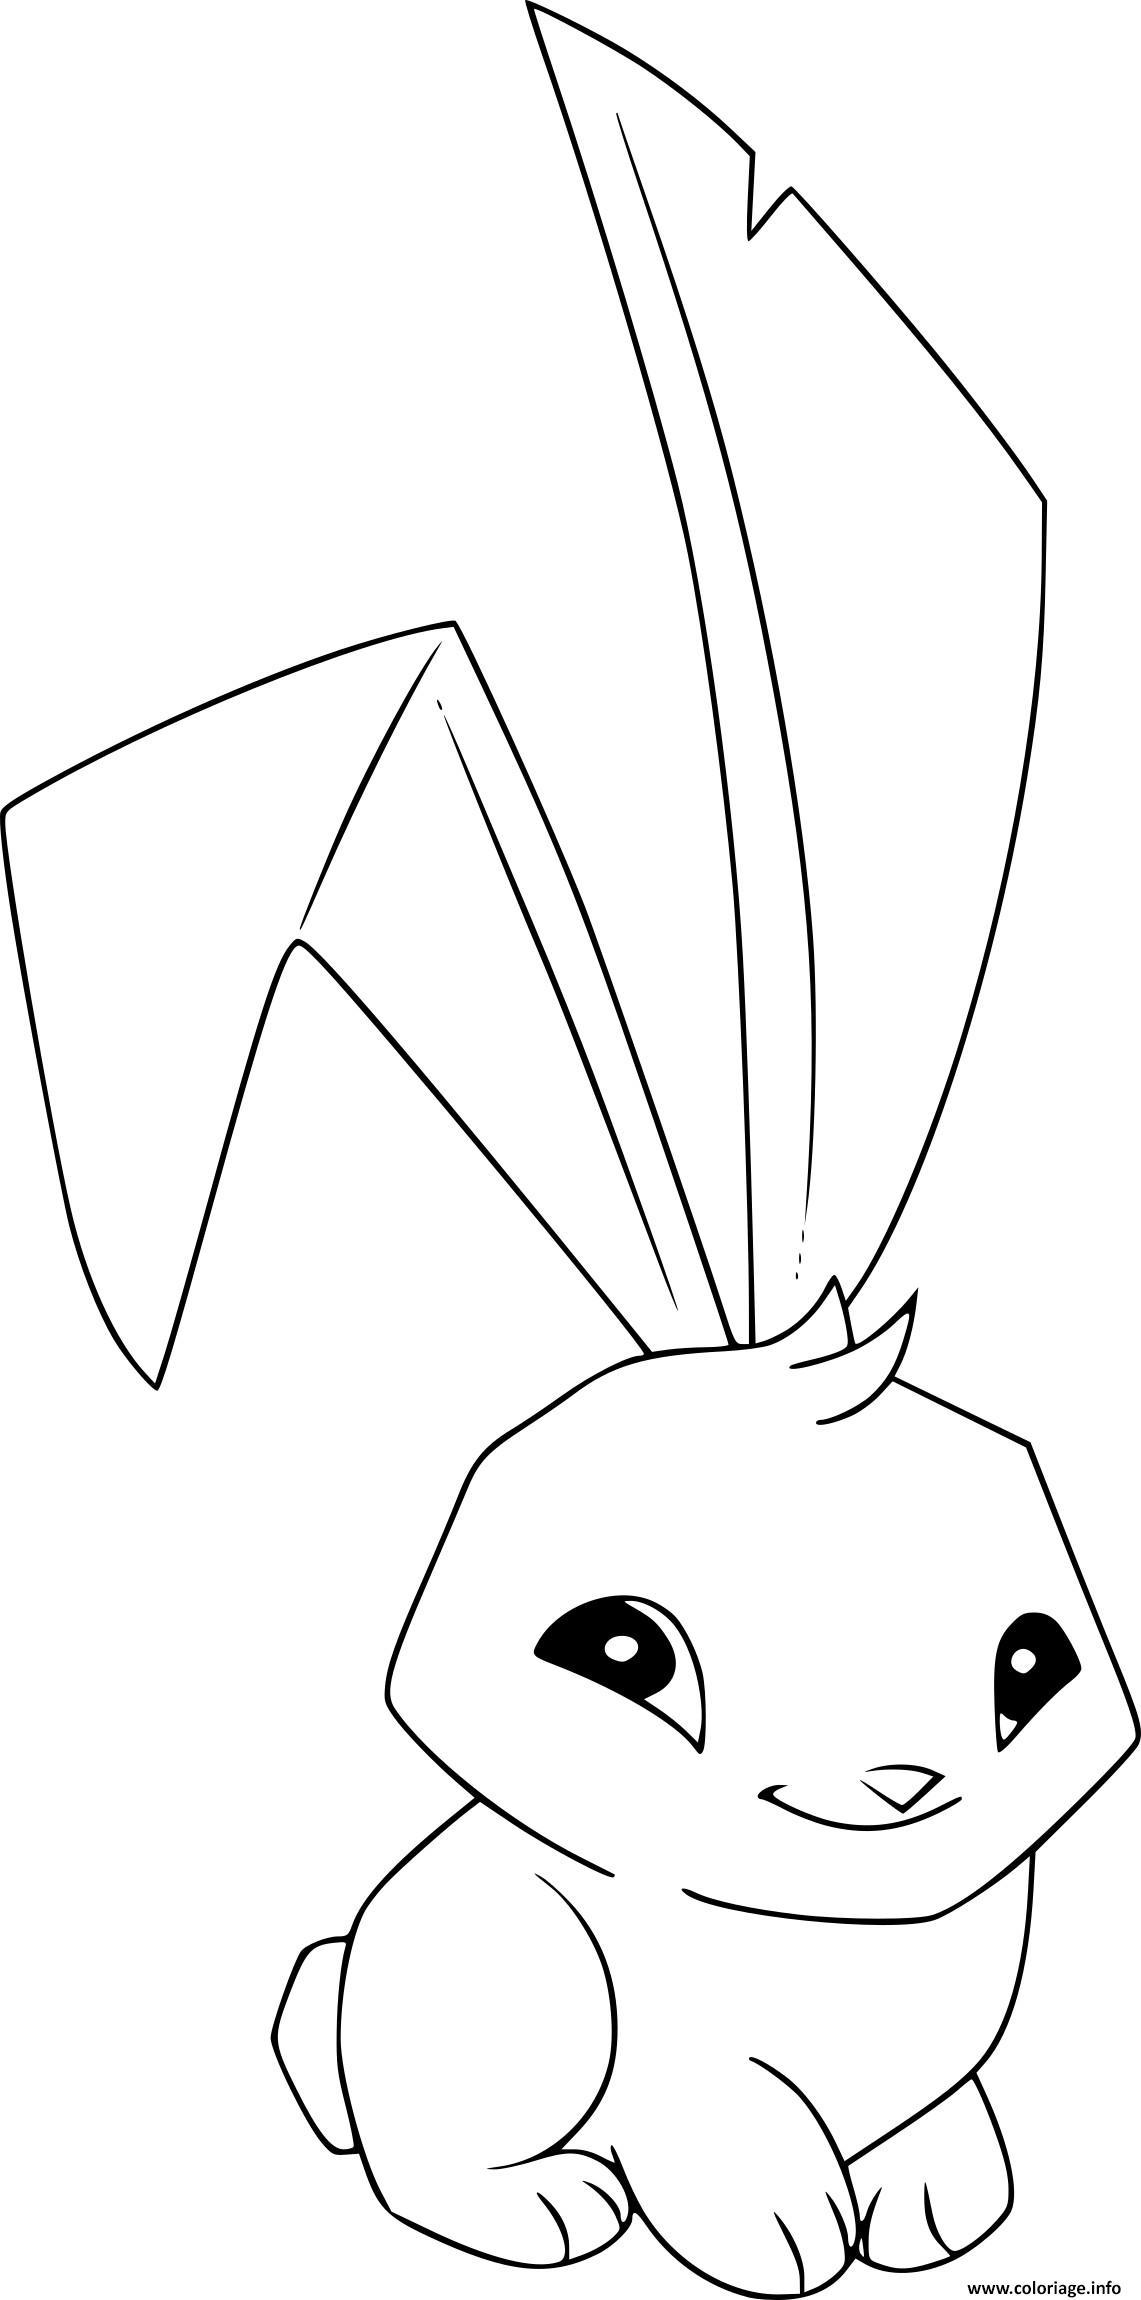 Dessin lapin unpeu timide Coloriage Gratuit à Imprimer